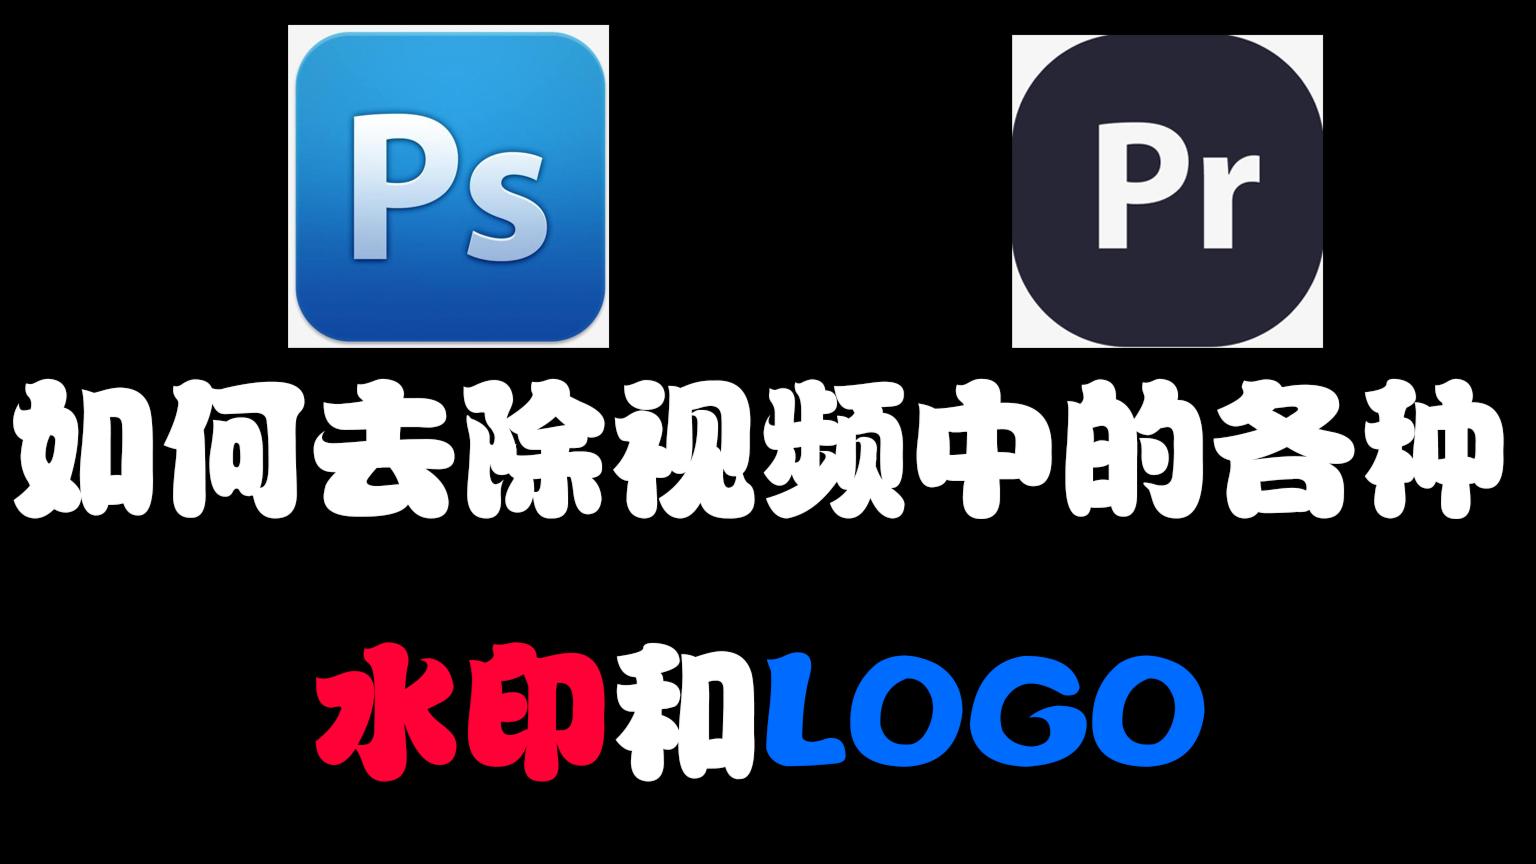 【PR教程】如何完美的去除掉视频当中的LOGO和水印,不需要裁剪内容和覆盖。